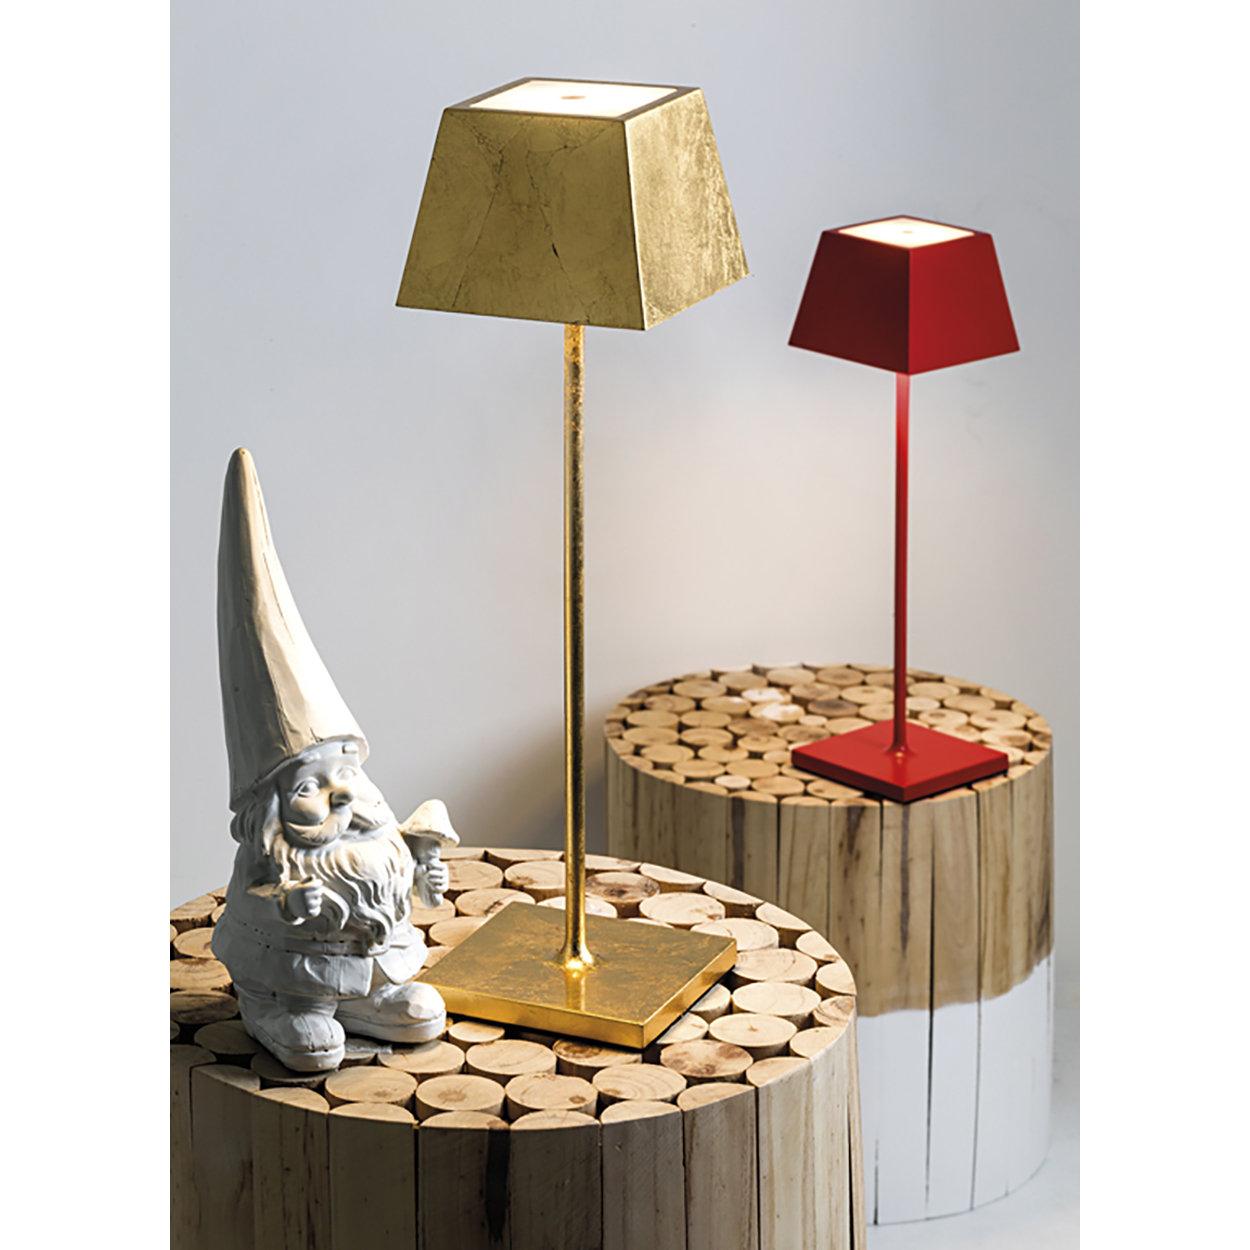 Lampada Da Tavolo Siesta Foglia Oro Lampade Ricaricabili In Out By Rossini Illuminazione Acquista Su Ventis